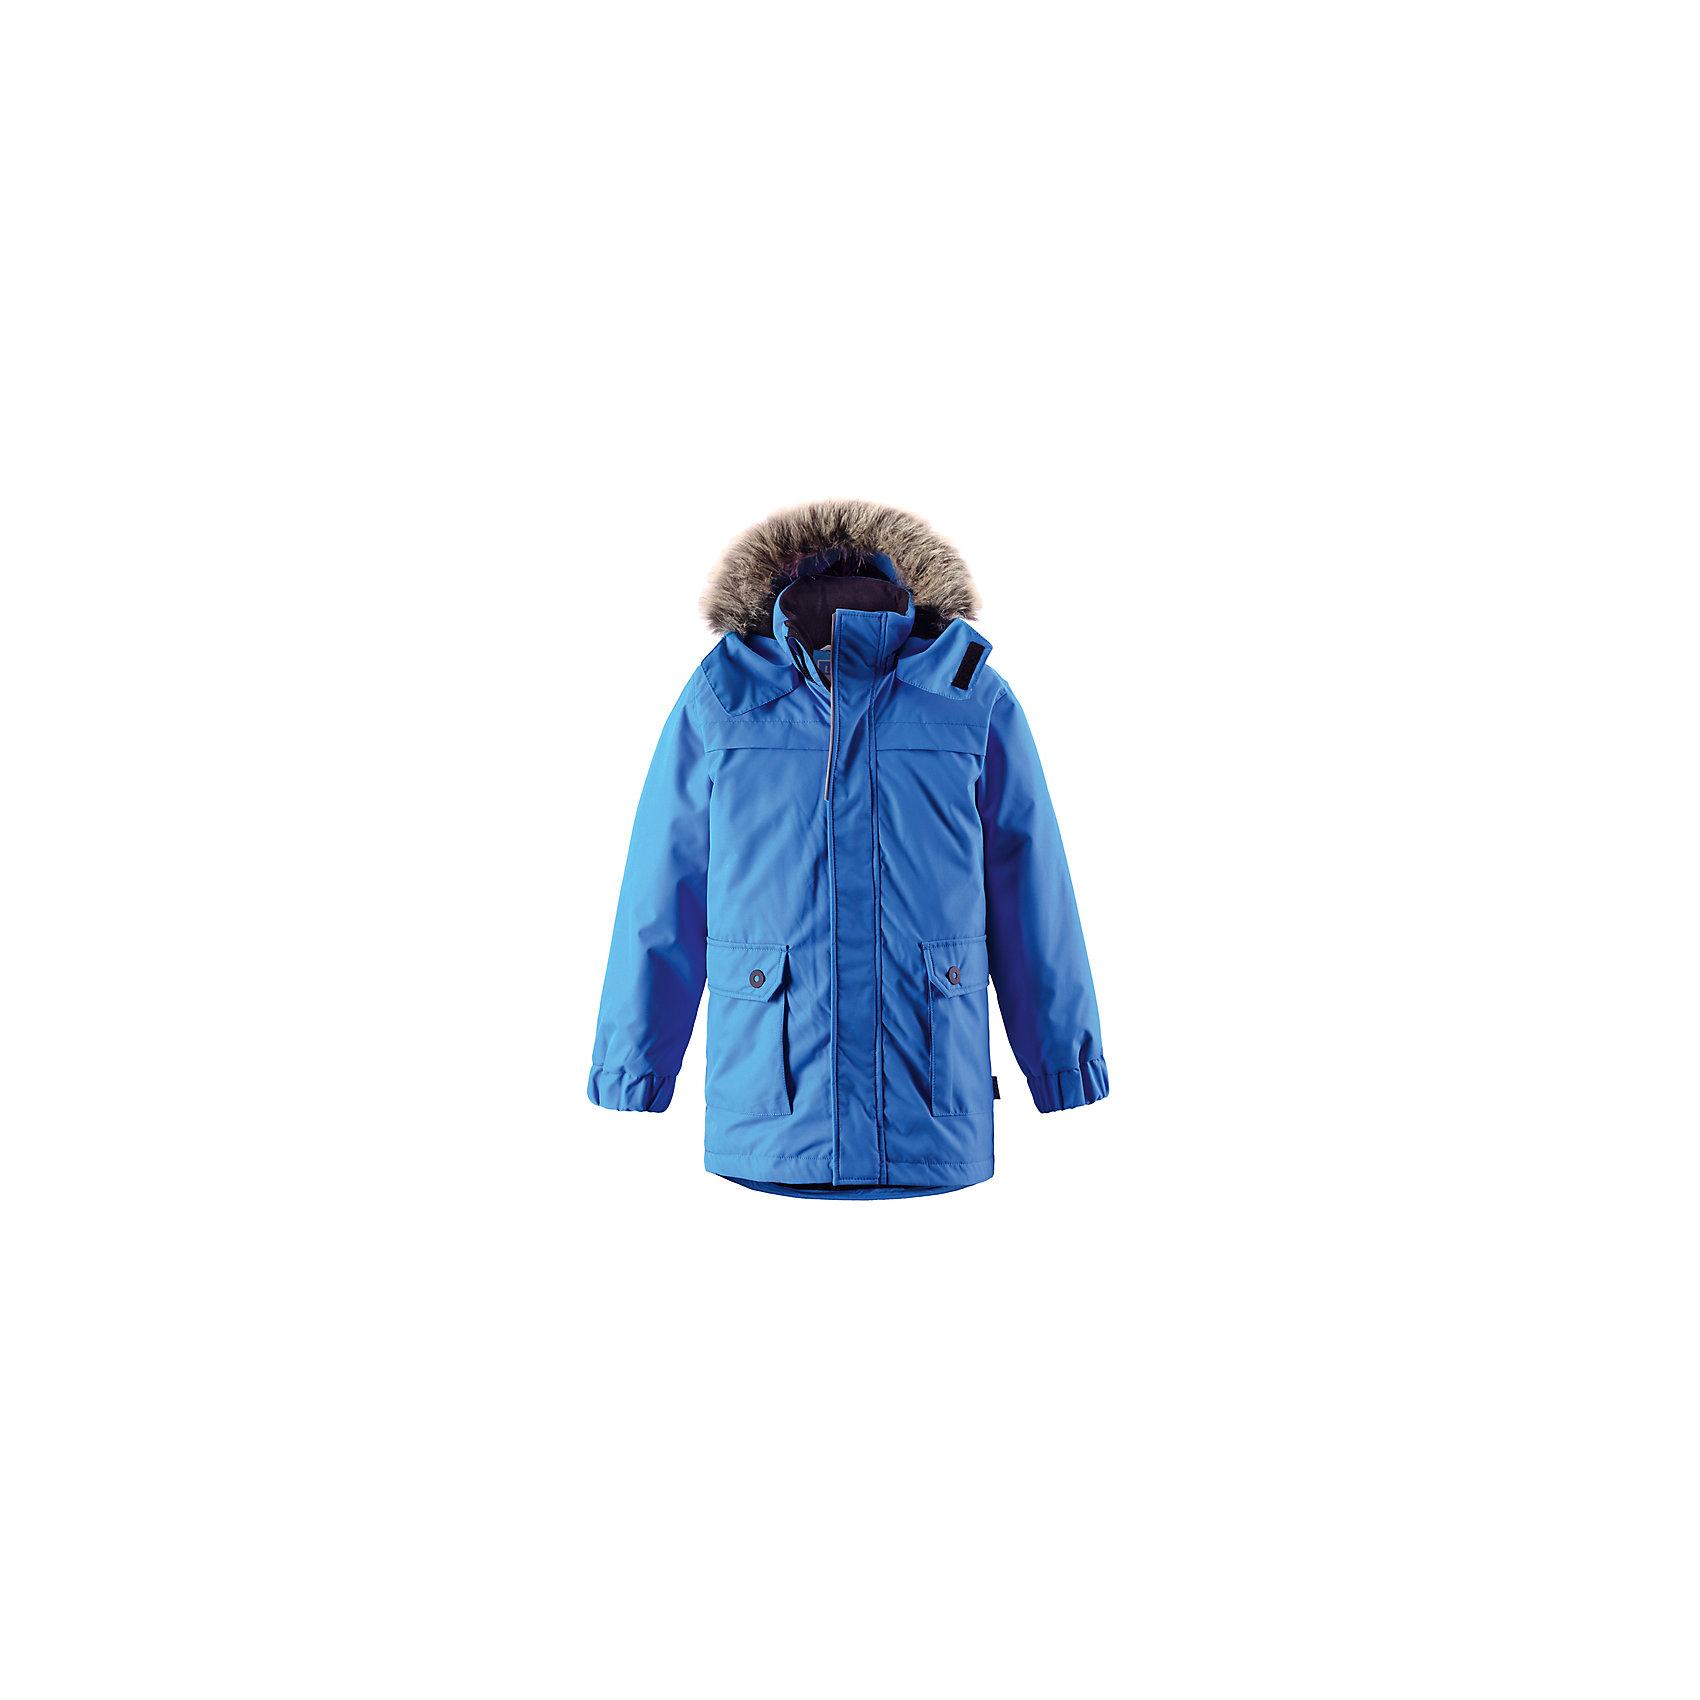 Куртка для мальчика LASSIEЗимняя куртка для детей известной финской марки.<br><br>- Водоотталкивающий, ветронепроницаемый, «дышащий» и грязеотталкивающий материал.<br>- Гладкая подкладка из полиэстра.<br>- Средняя степень утепления<br>-  Безопасный съемный капюшон с отсоединяемой меховой каймой из искусственного меха. <br>- Эластичные манжеты. Регулируемый обхват талии.<br>-  Карманы с клапанами. <br><br> Рекомендации по уходу: Стирать по отдельности, вывернув наизнанку. Перед стиркой отстегните искусственный мех. Застегнуть молнии и липучки. Соблюдать температуру в соответствии с руководством по уходу. Стирать моющим средством, не содержащим отбеливающие вещества. Полоскать без специального средства. Сушение в сушильном шкафу разрешено при  низкой температуре.<br><br>Состав: 100% Полиамид, полиуретановое покрытие.  Утеплитель «Lassie wadding» 180гр.<br><br>Ширина мм: 356<br>Глубина мм: 10<br>Высота мм: 245<br>Вес г: 519<br>Цвет: синий<br>Возраст от месяцев: 24<br>Возраст до месяцев: 36<br>Пол: Мужской<br>Возраст: Детский<br>Размер: 98,140,92,104,110,128,116,122,134<br>SKU: 4782348